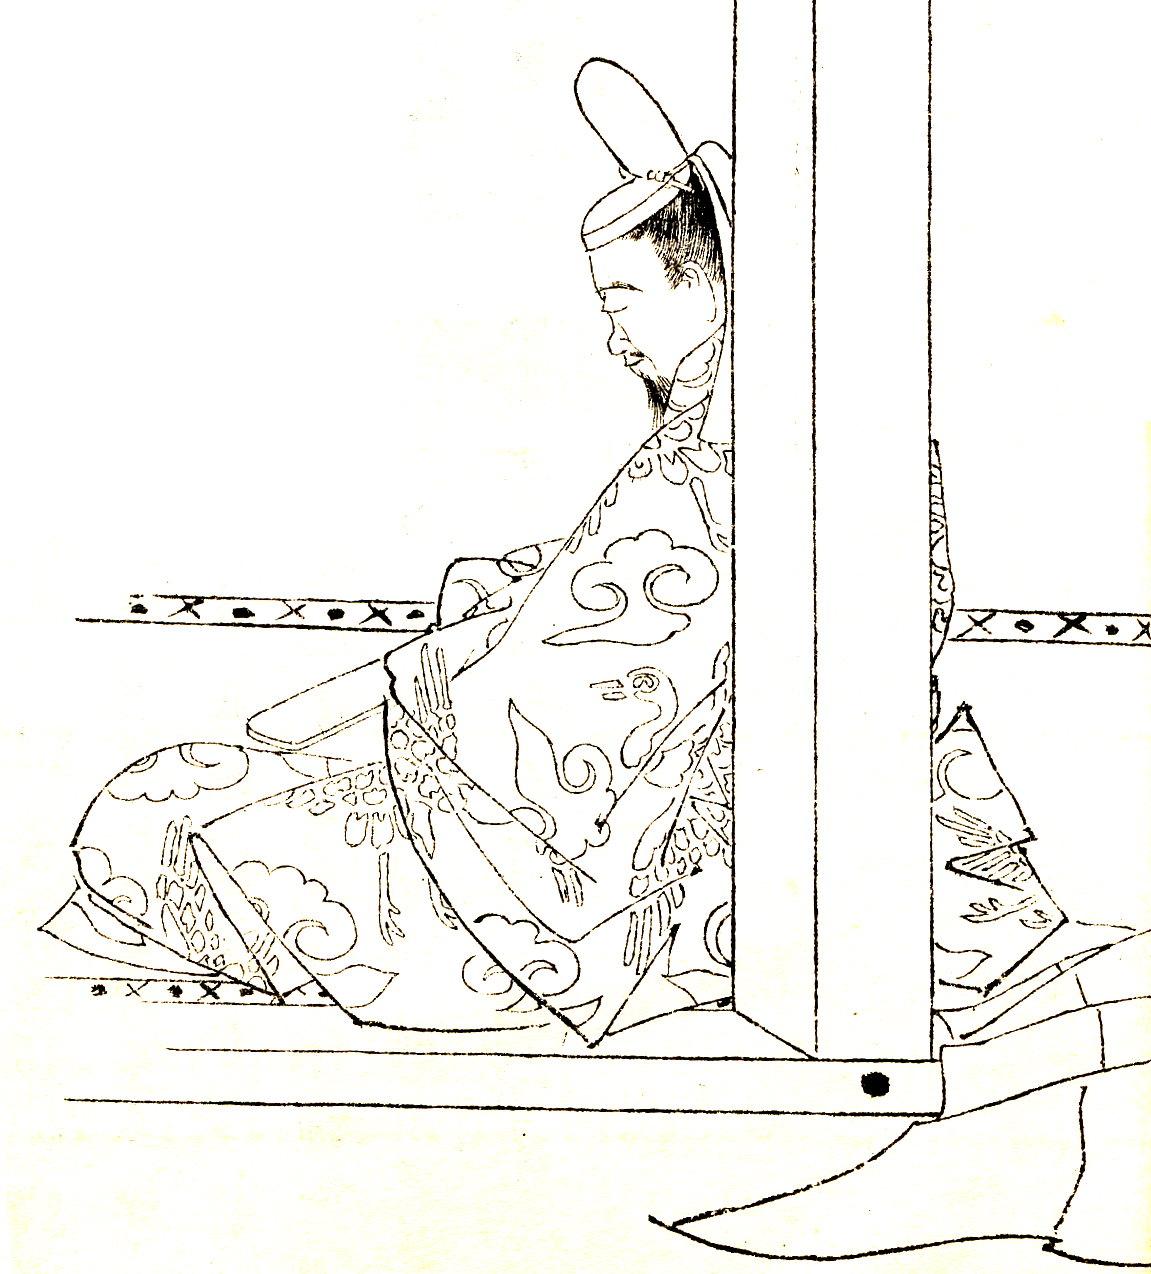 Fujiwara no Kaneie